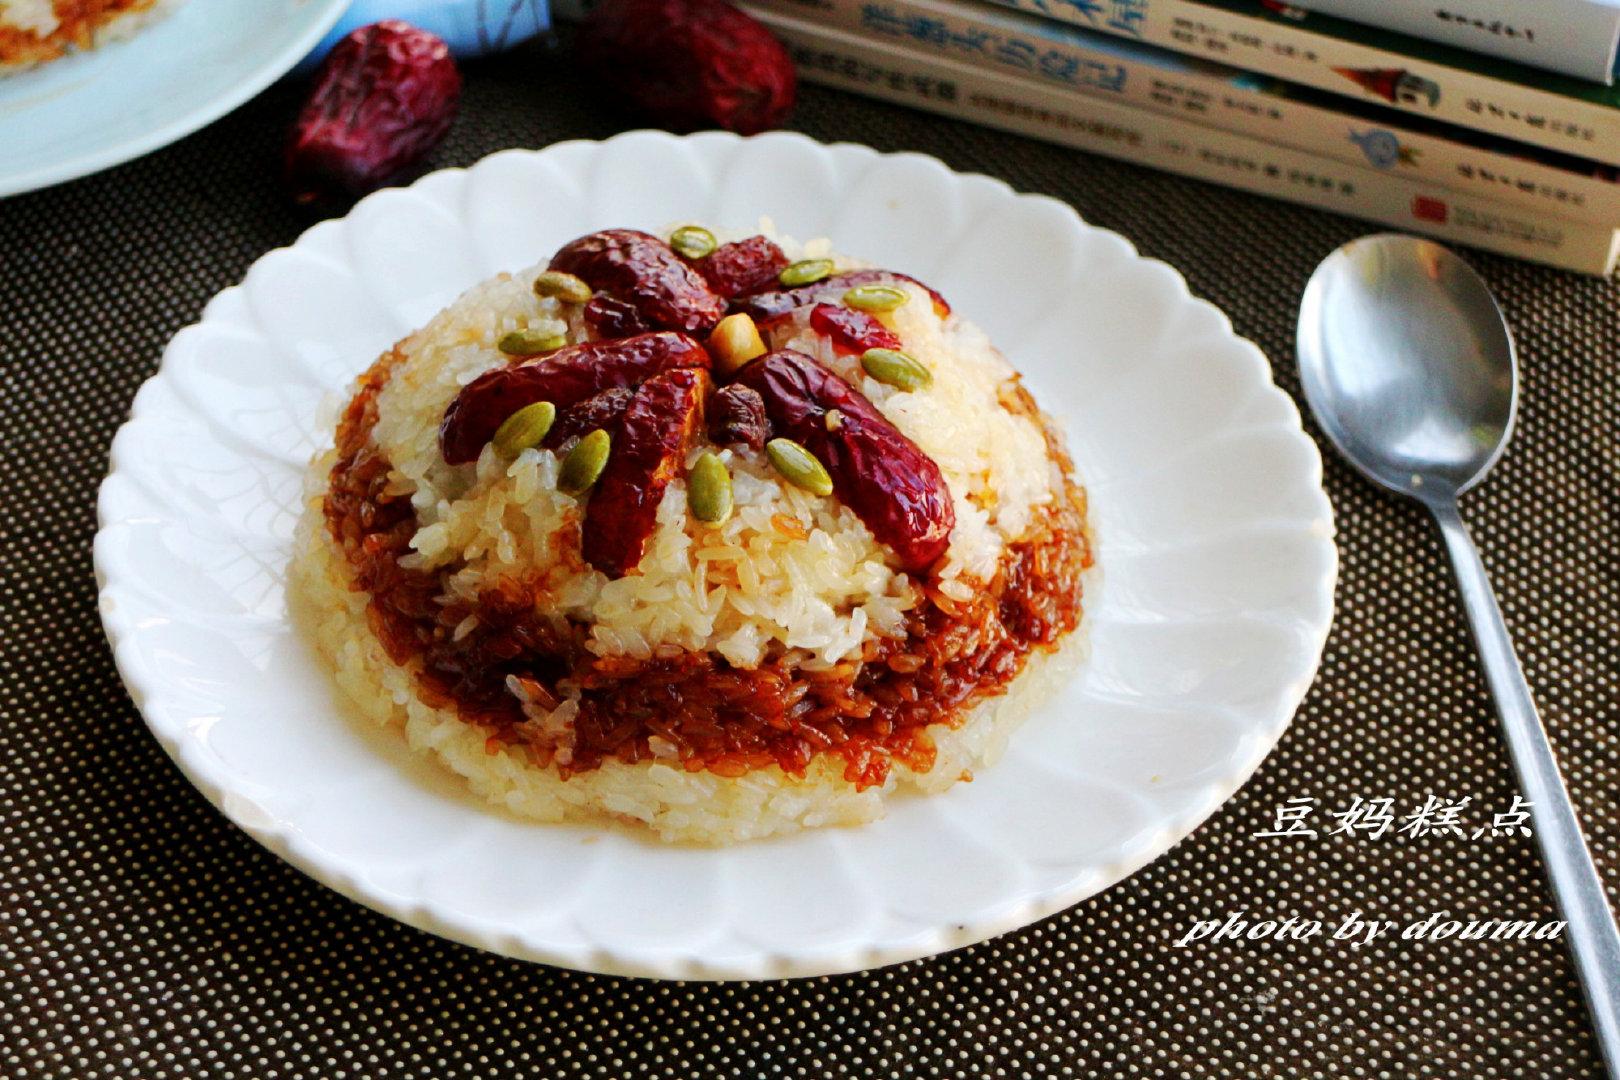 糯米饭怎么做?八宝饭、糯米早餐,香糯味美,学会了有空做